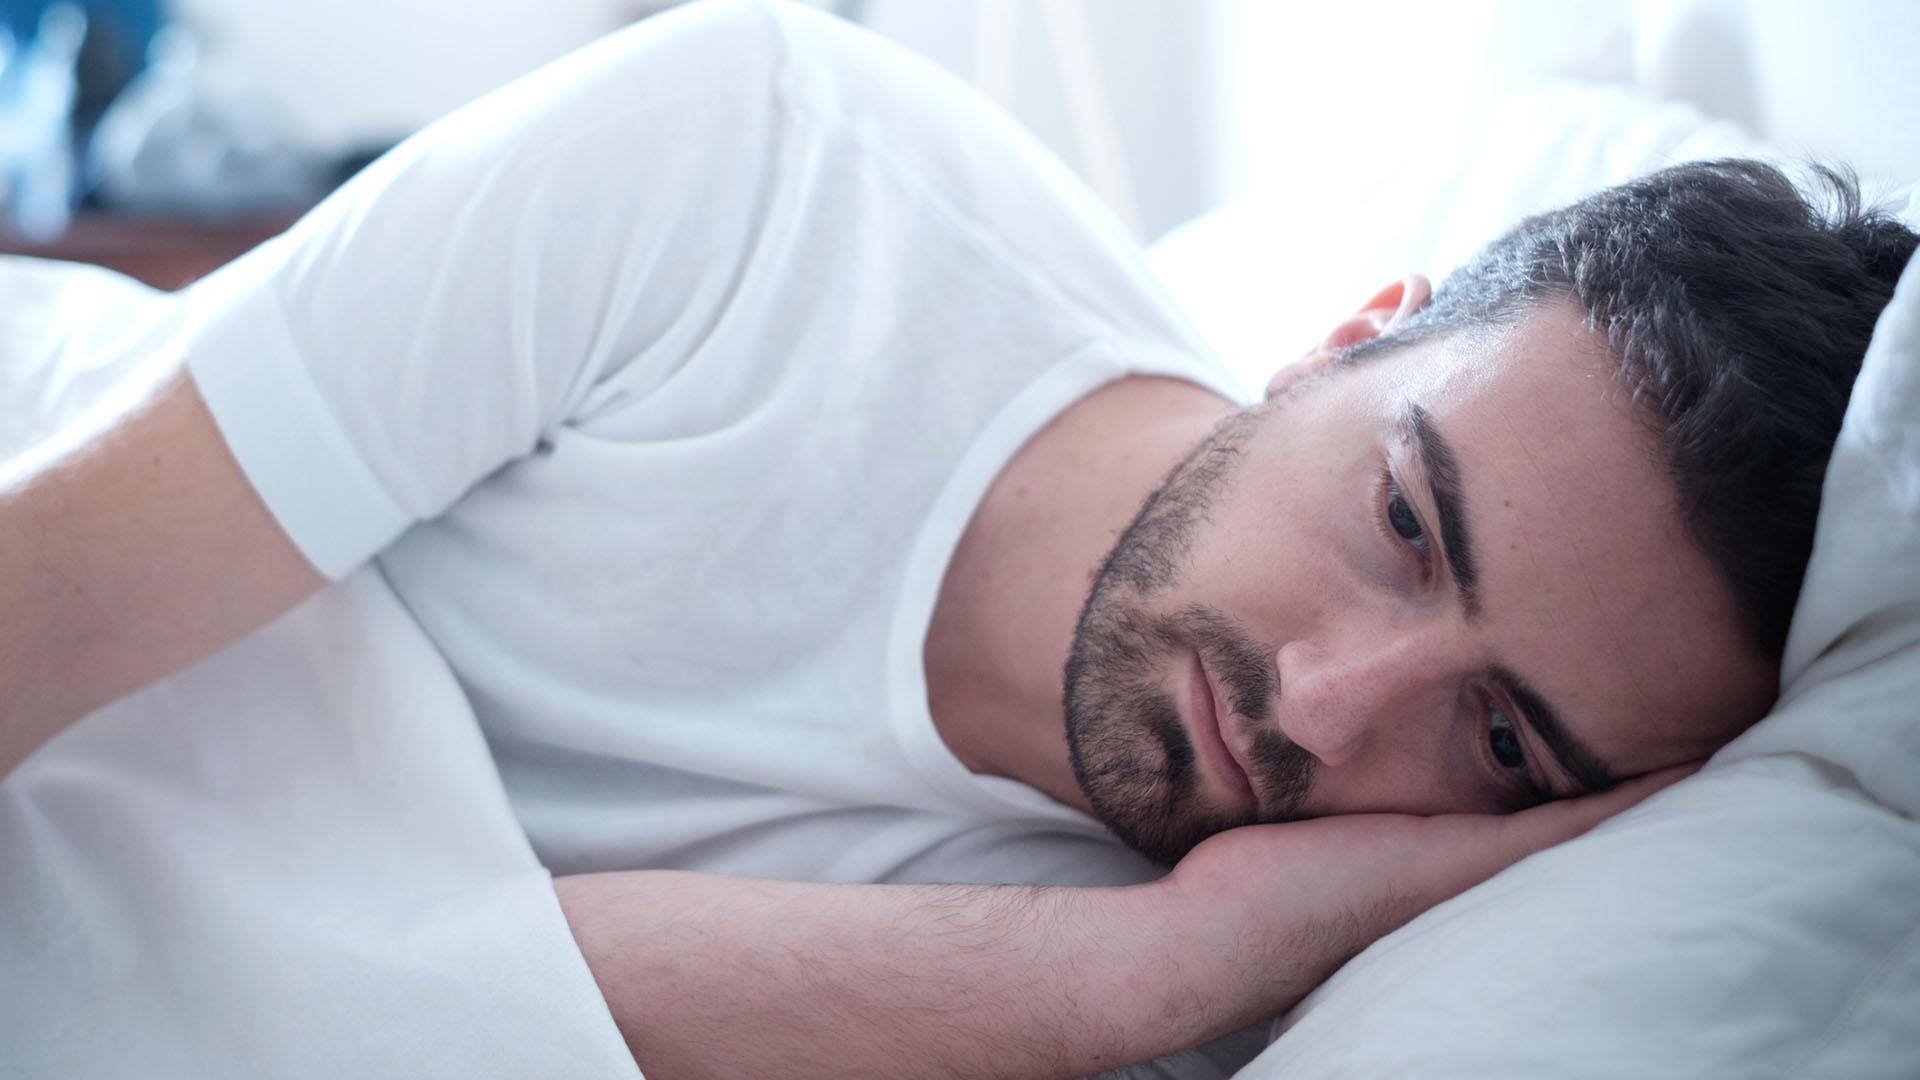 El tratamiento consiste en la administración de testosterona a través de inyecciones intramusculares, pastillas o parches